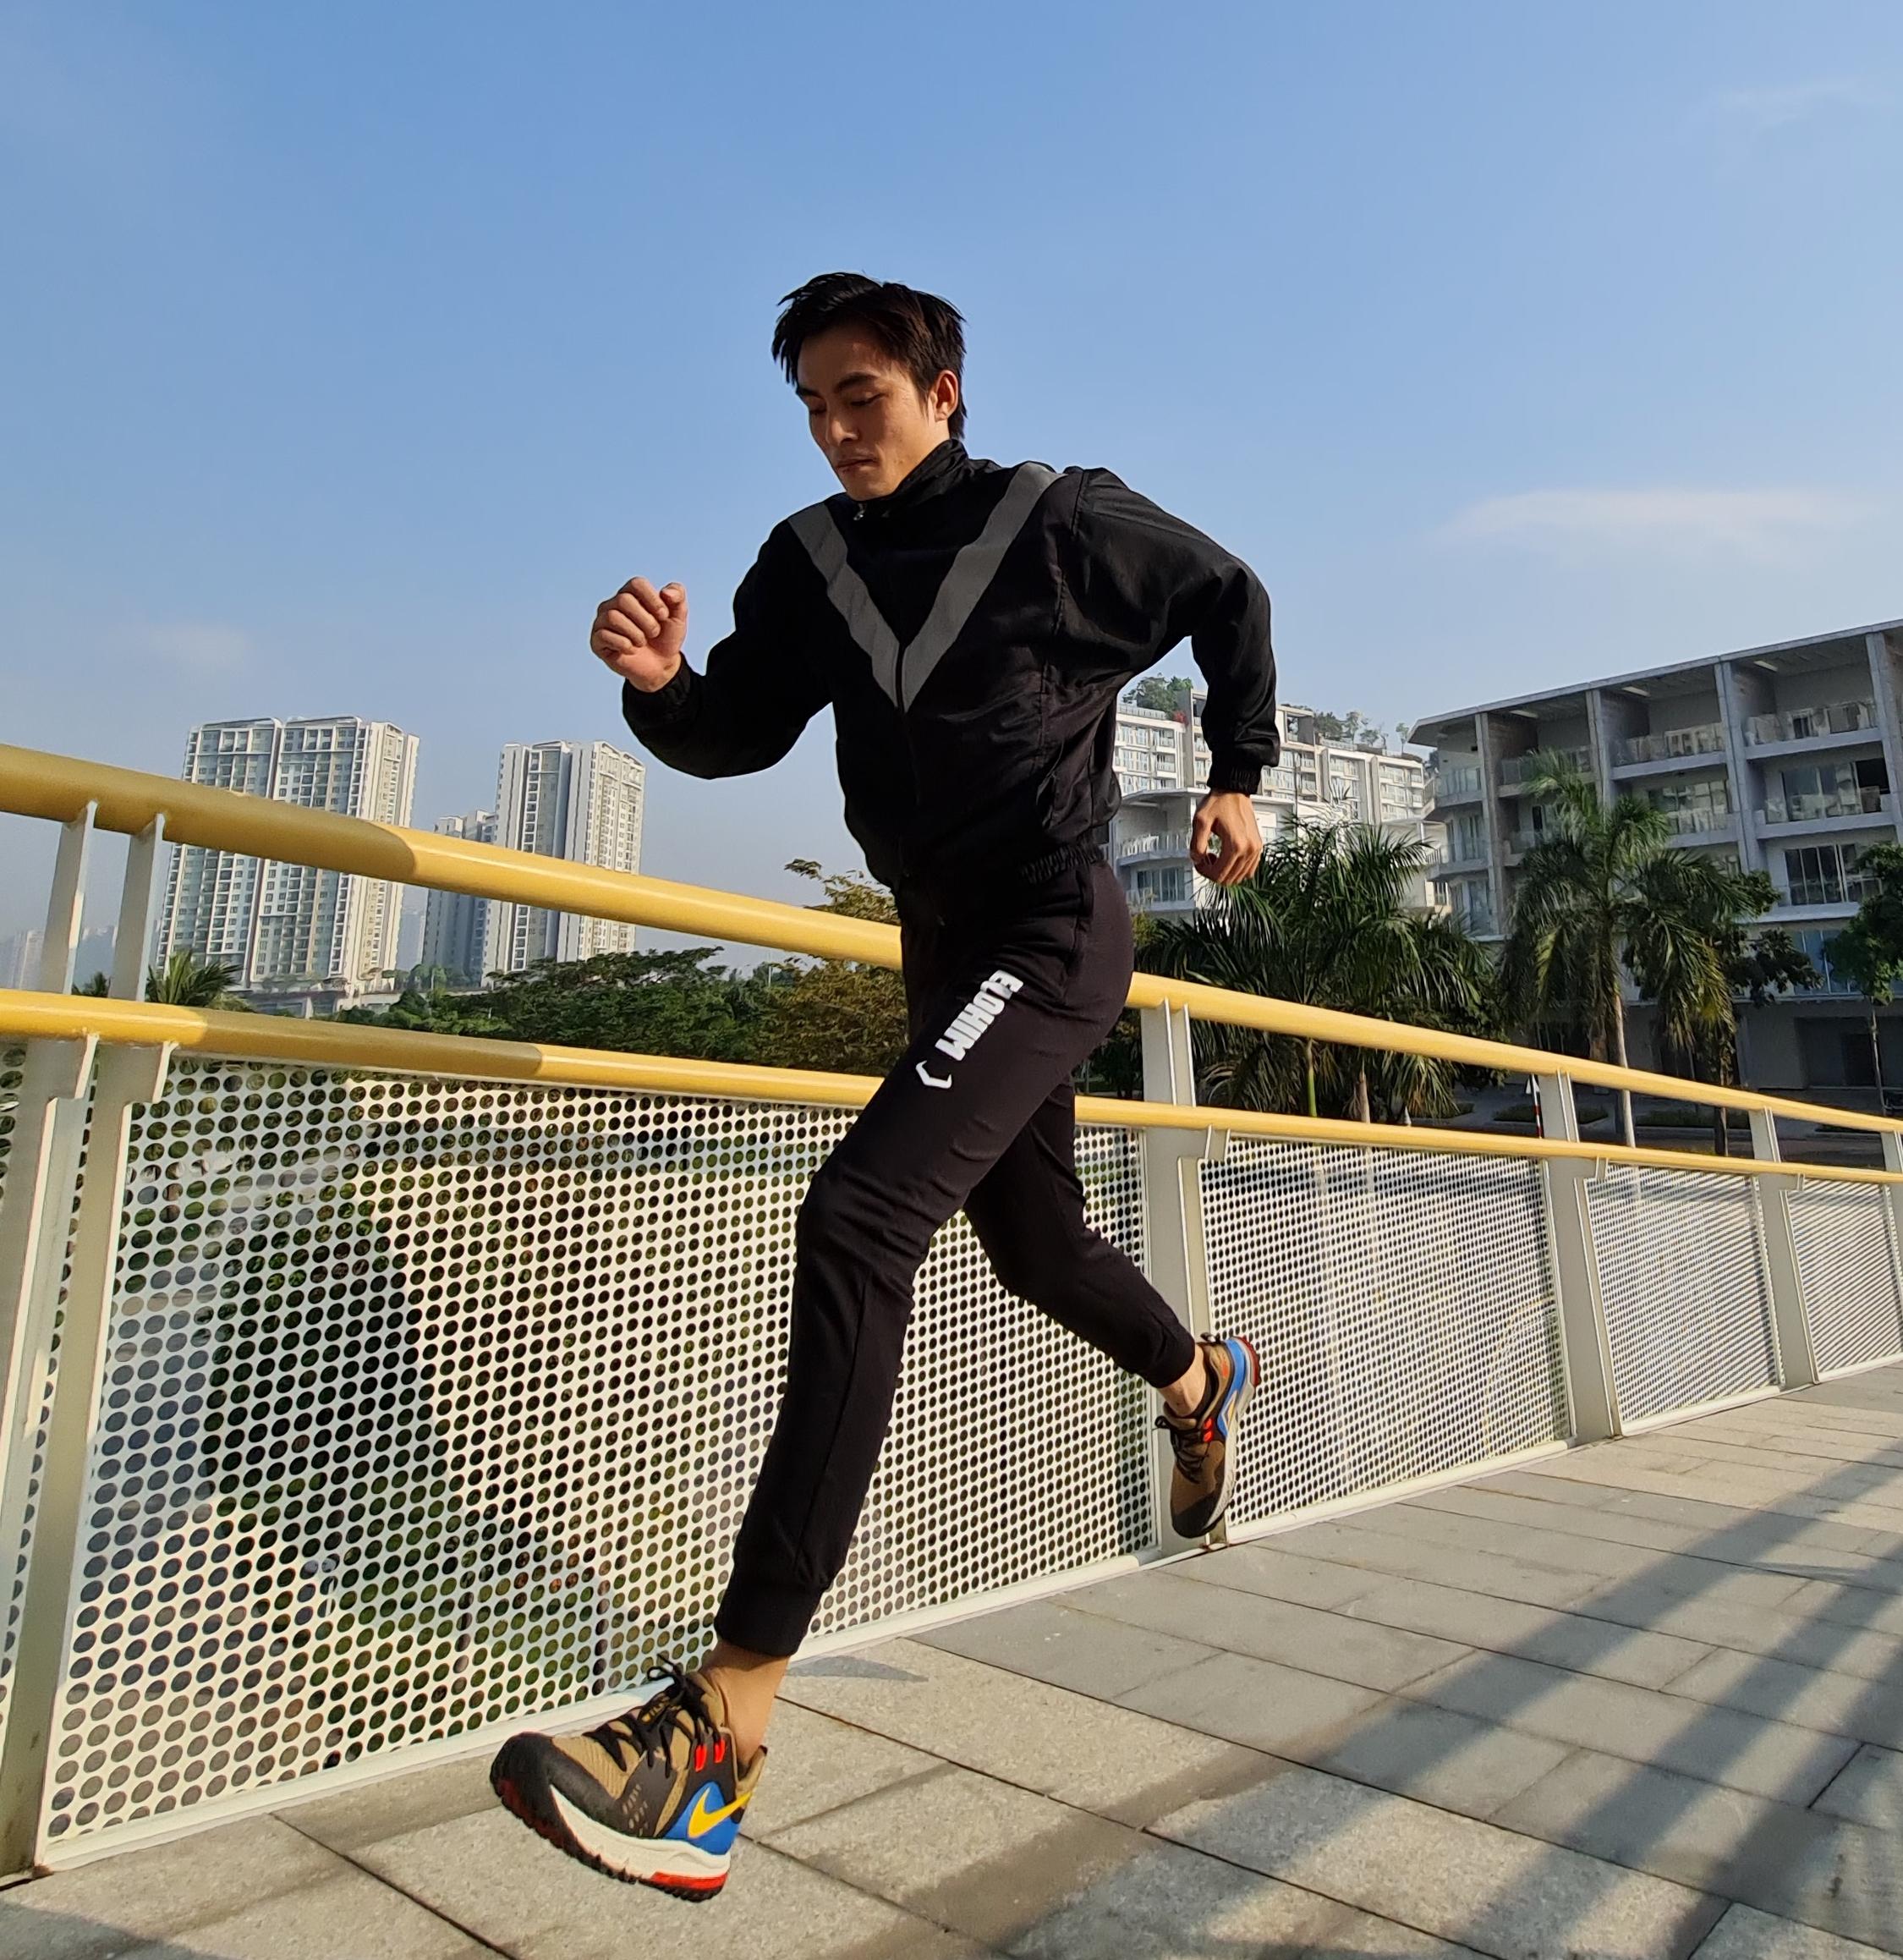 Runner có thể tập luyện ở nhưng địa điểm phù hợp, an toàn trong mùa dịch.